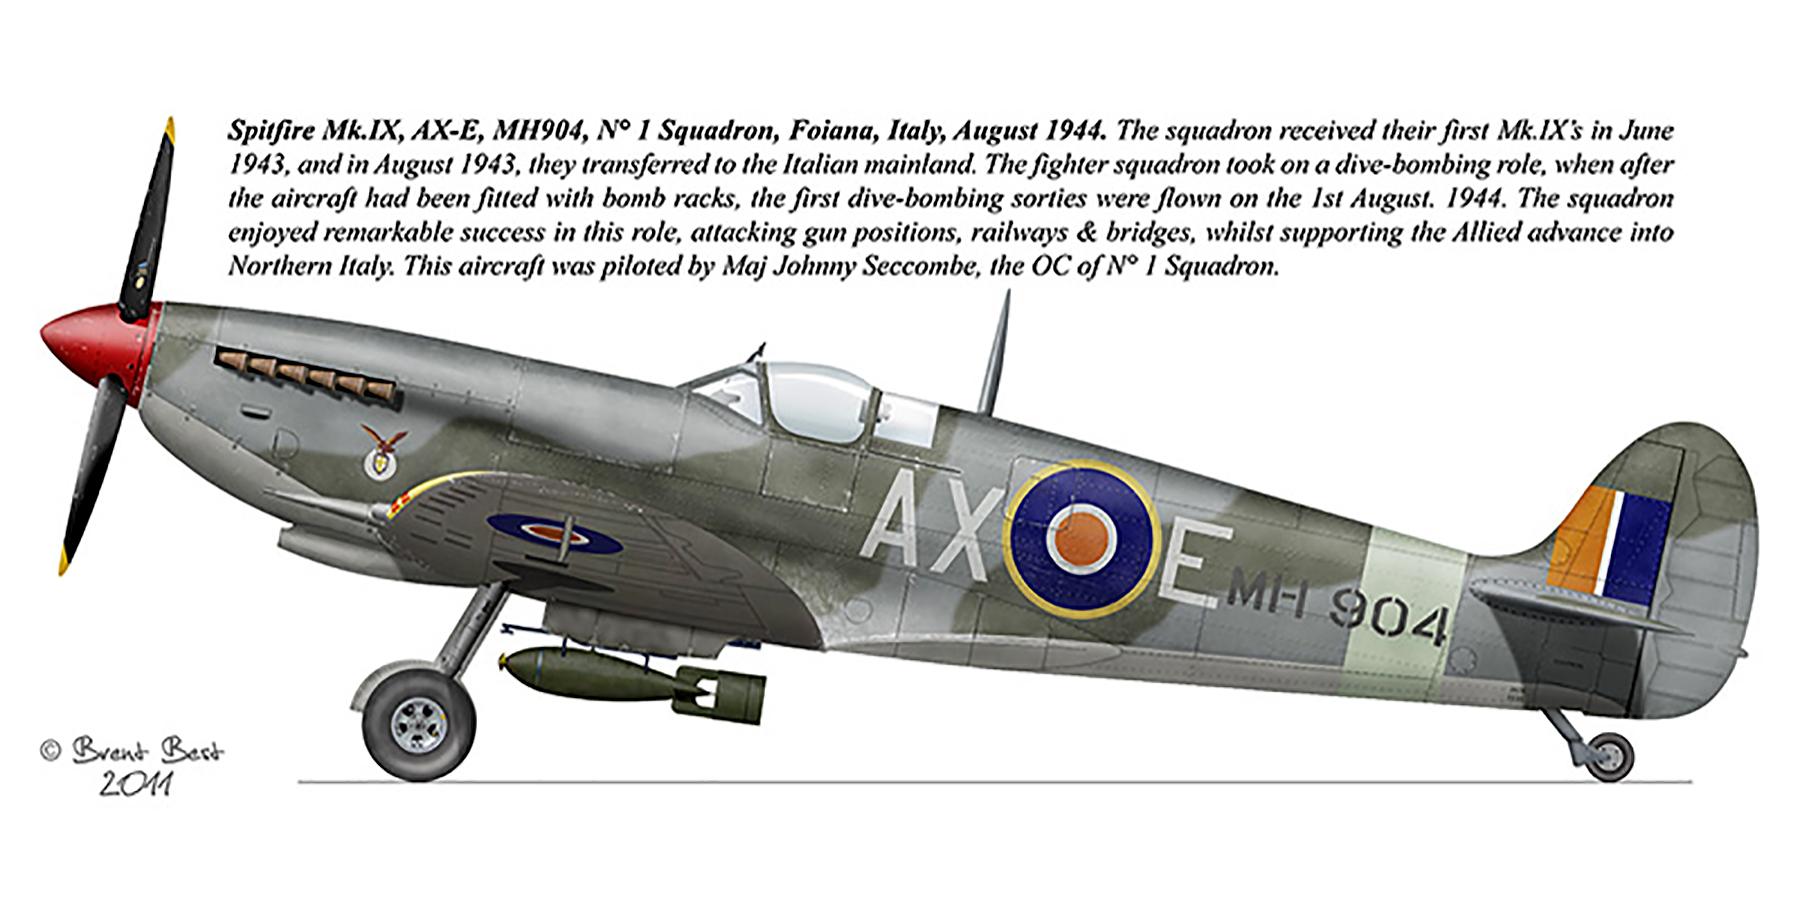 Spitfire MkIX SAAF 1Sqn AXE MH904 Foiana Italy Aug 1944 0A